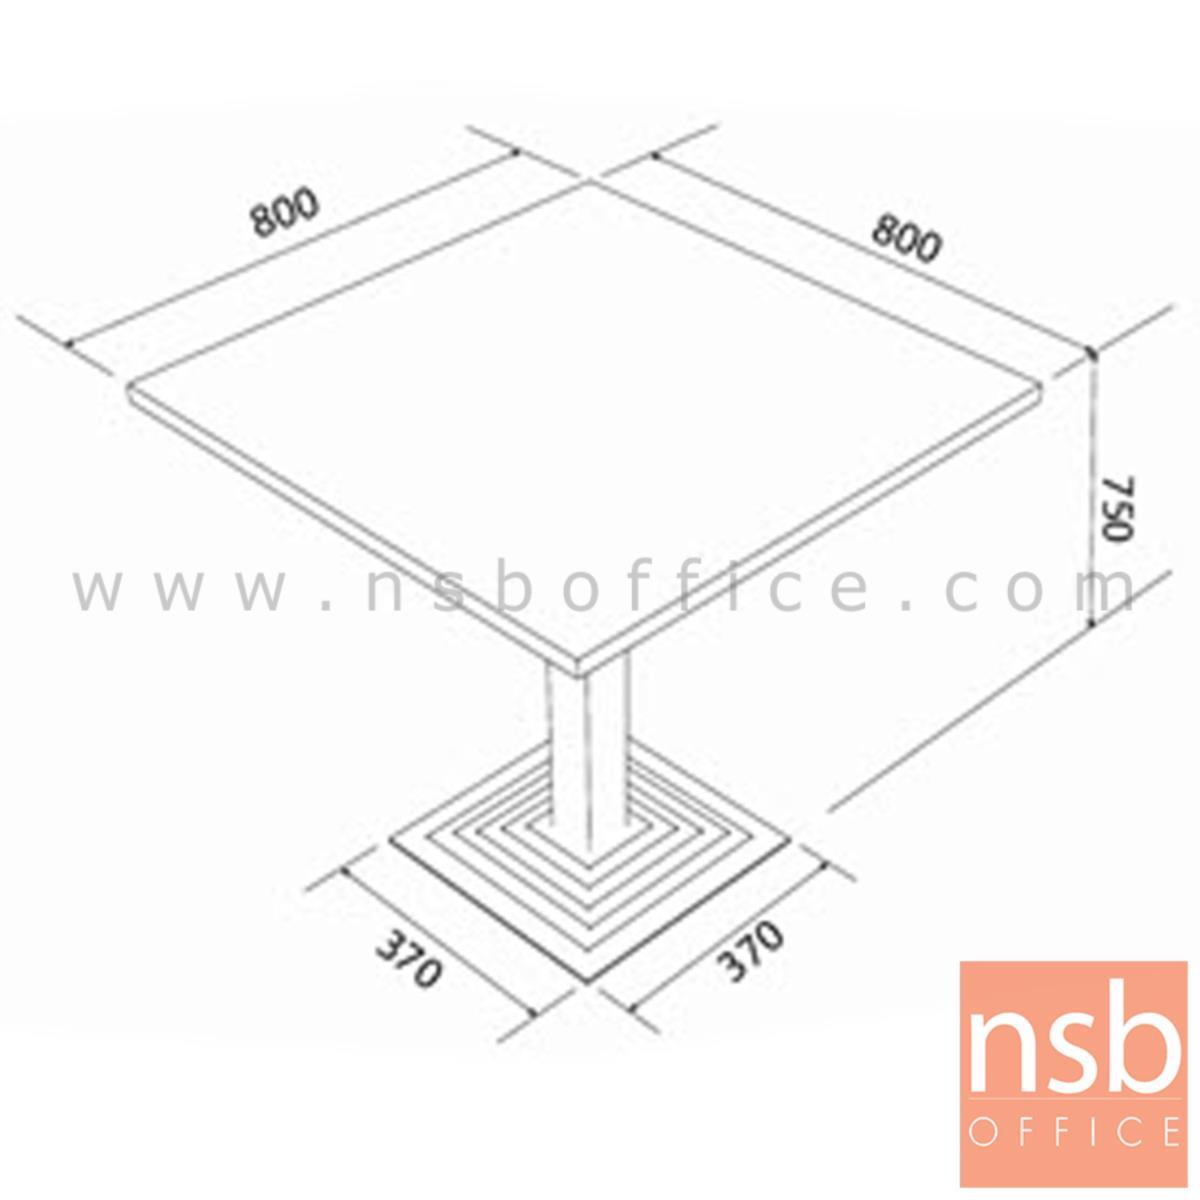 โต๊ะประชุมทรงสี่เหลี่ยมเล็ก รุ่น BERLIN (เบอร์ลิน) ขนาด 80W cm. เมลามีน สีดำ-มอคค่าวอลนัท